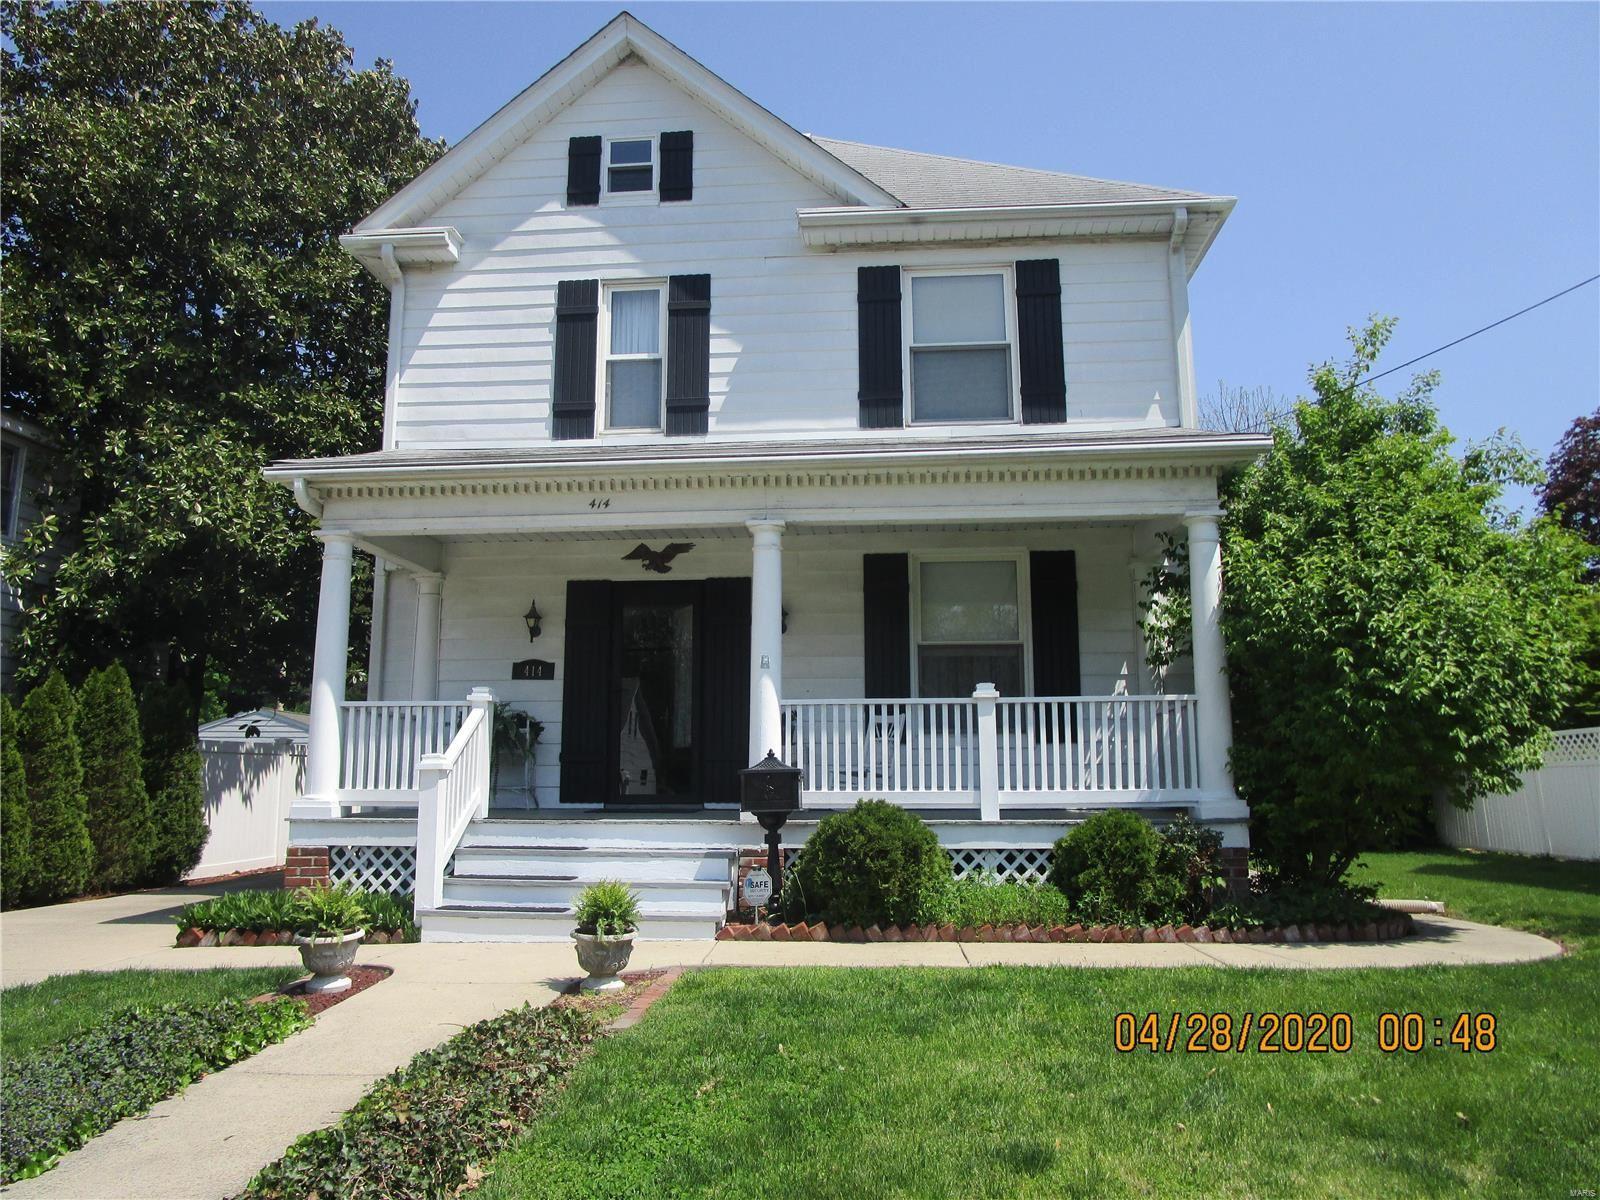 414 North Morrison Avenue, Collinsville, IL 62234 - MLS#: 20029118